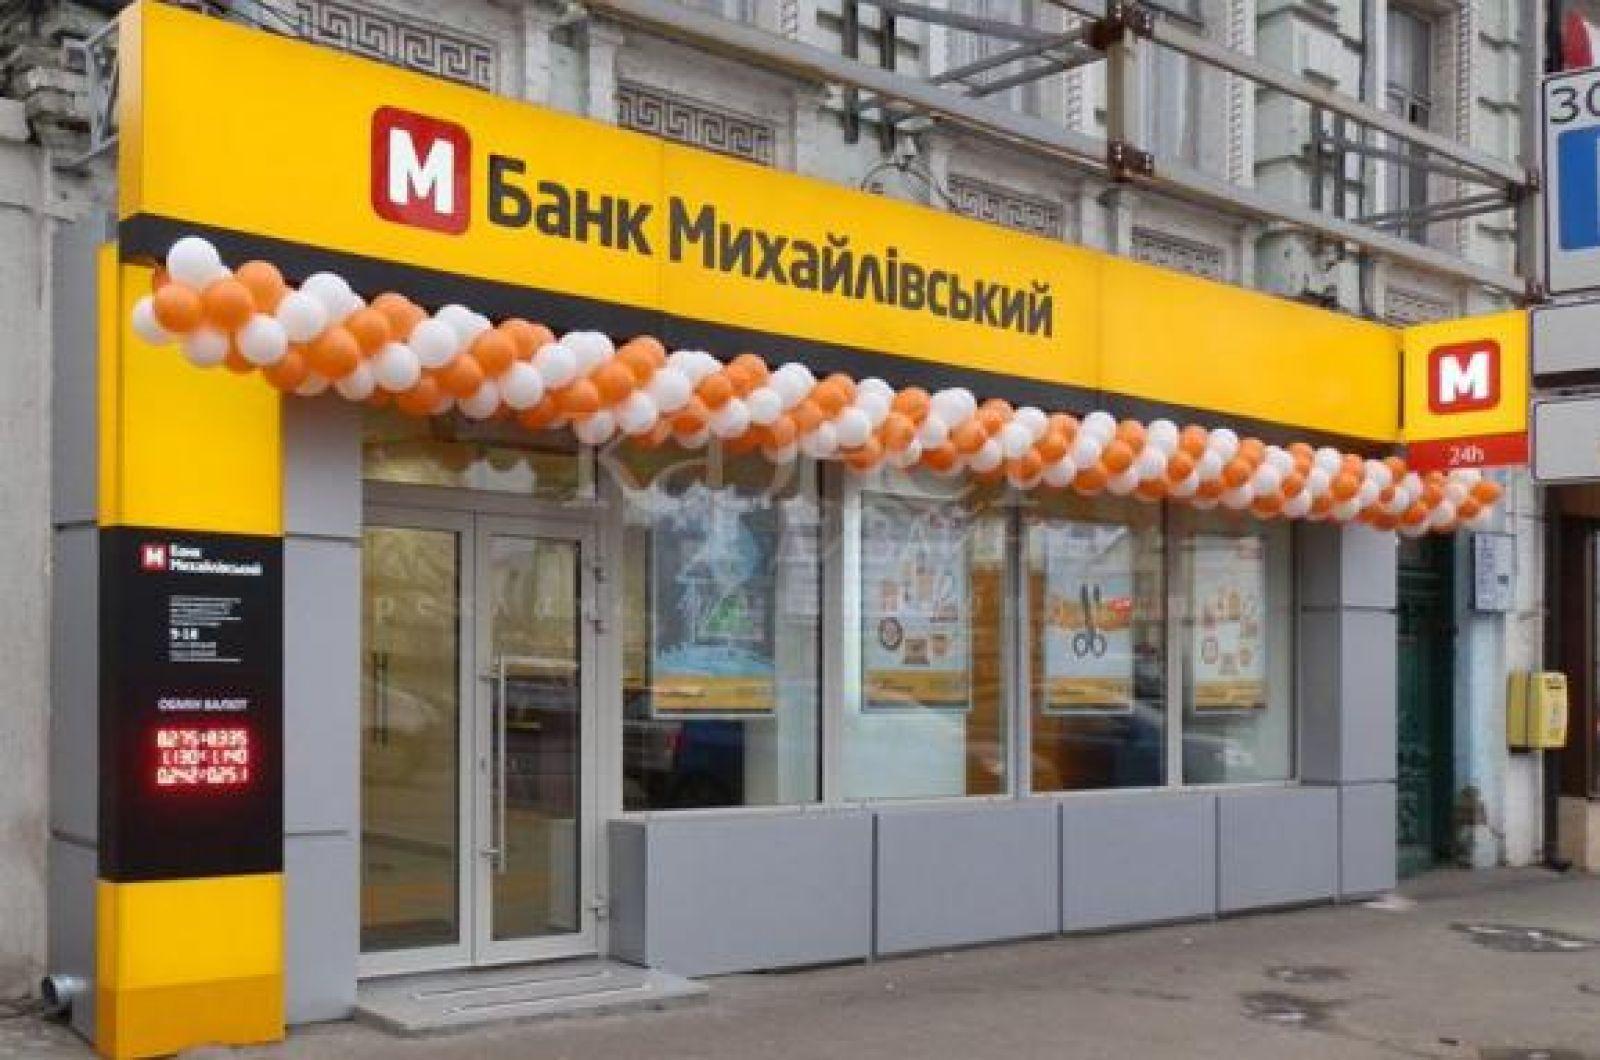 Банк Михайловский обвиняют вневыгодной продаже кредитов накануне катастрофы